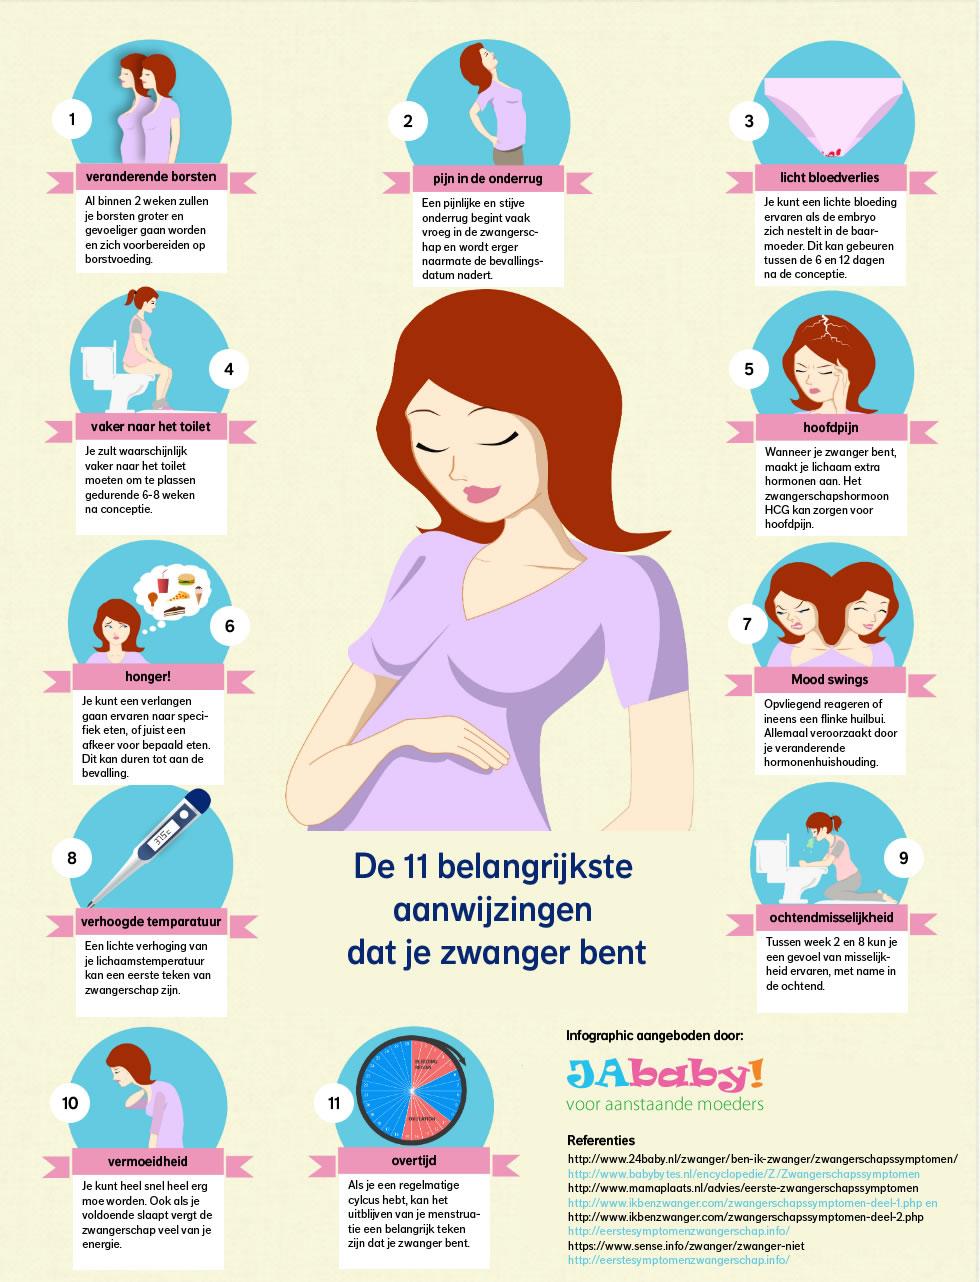 Aanwijzingen zwanger